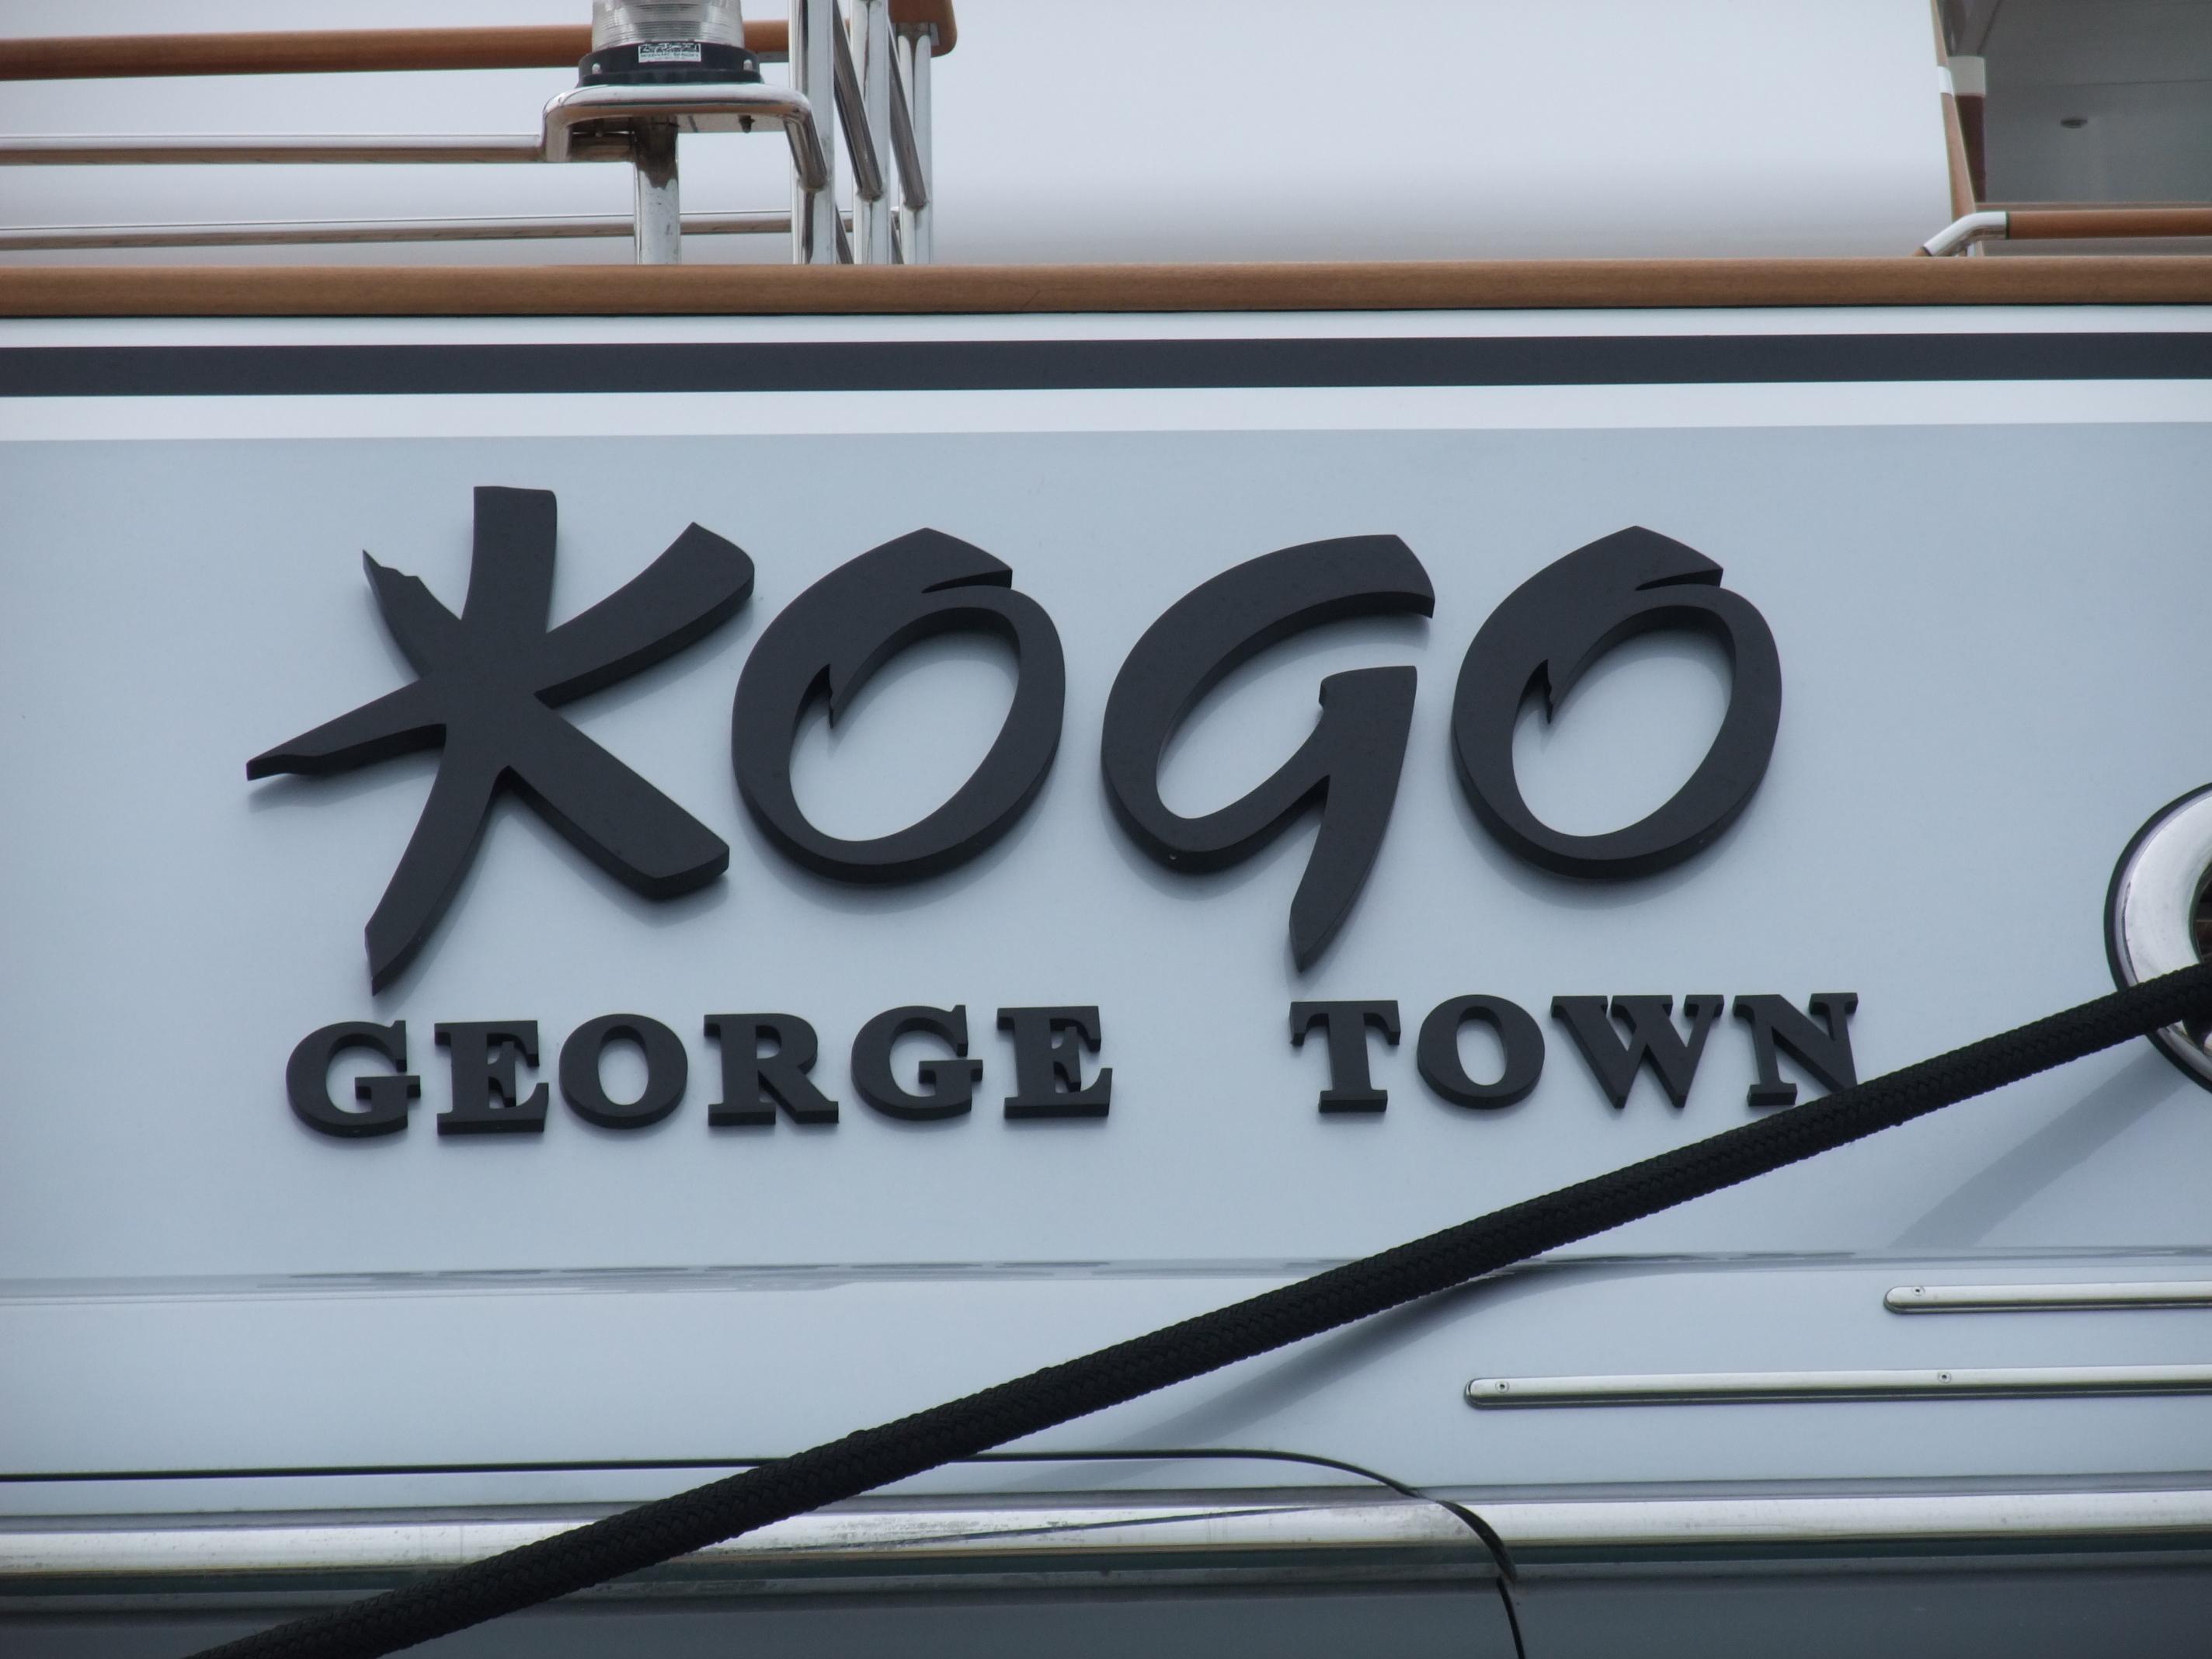 KOGO George Town